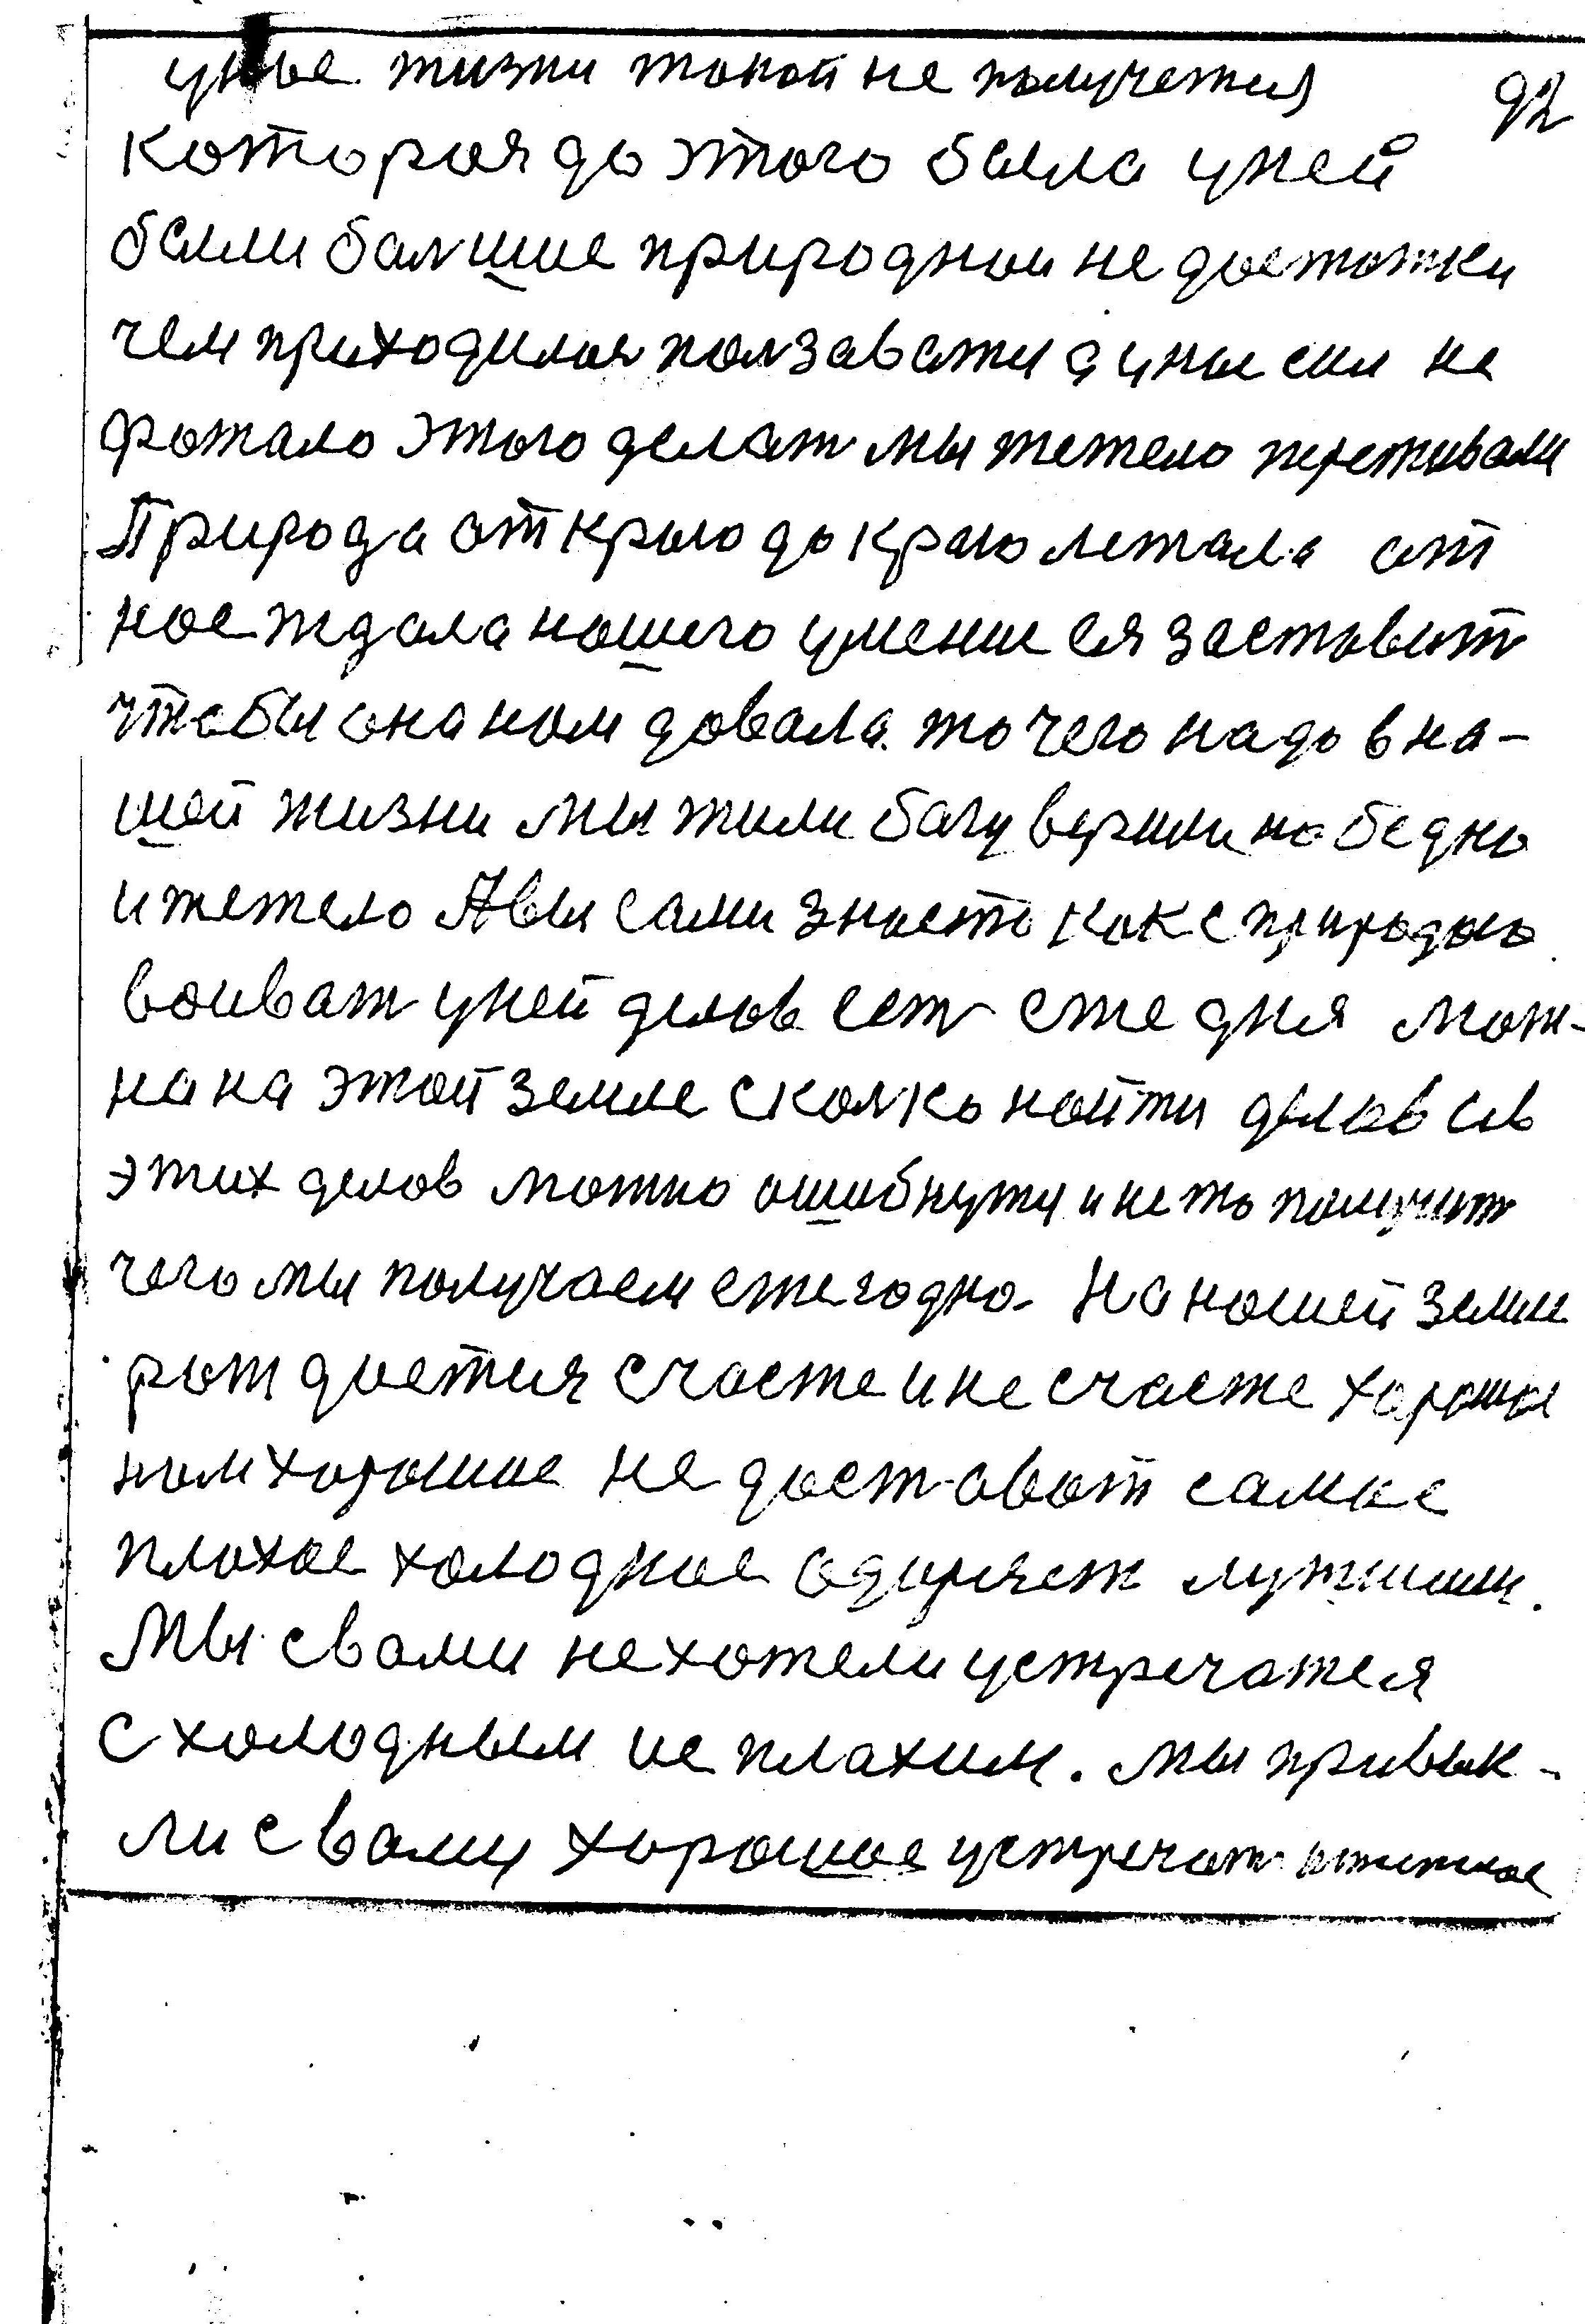 92-102.jpg